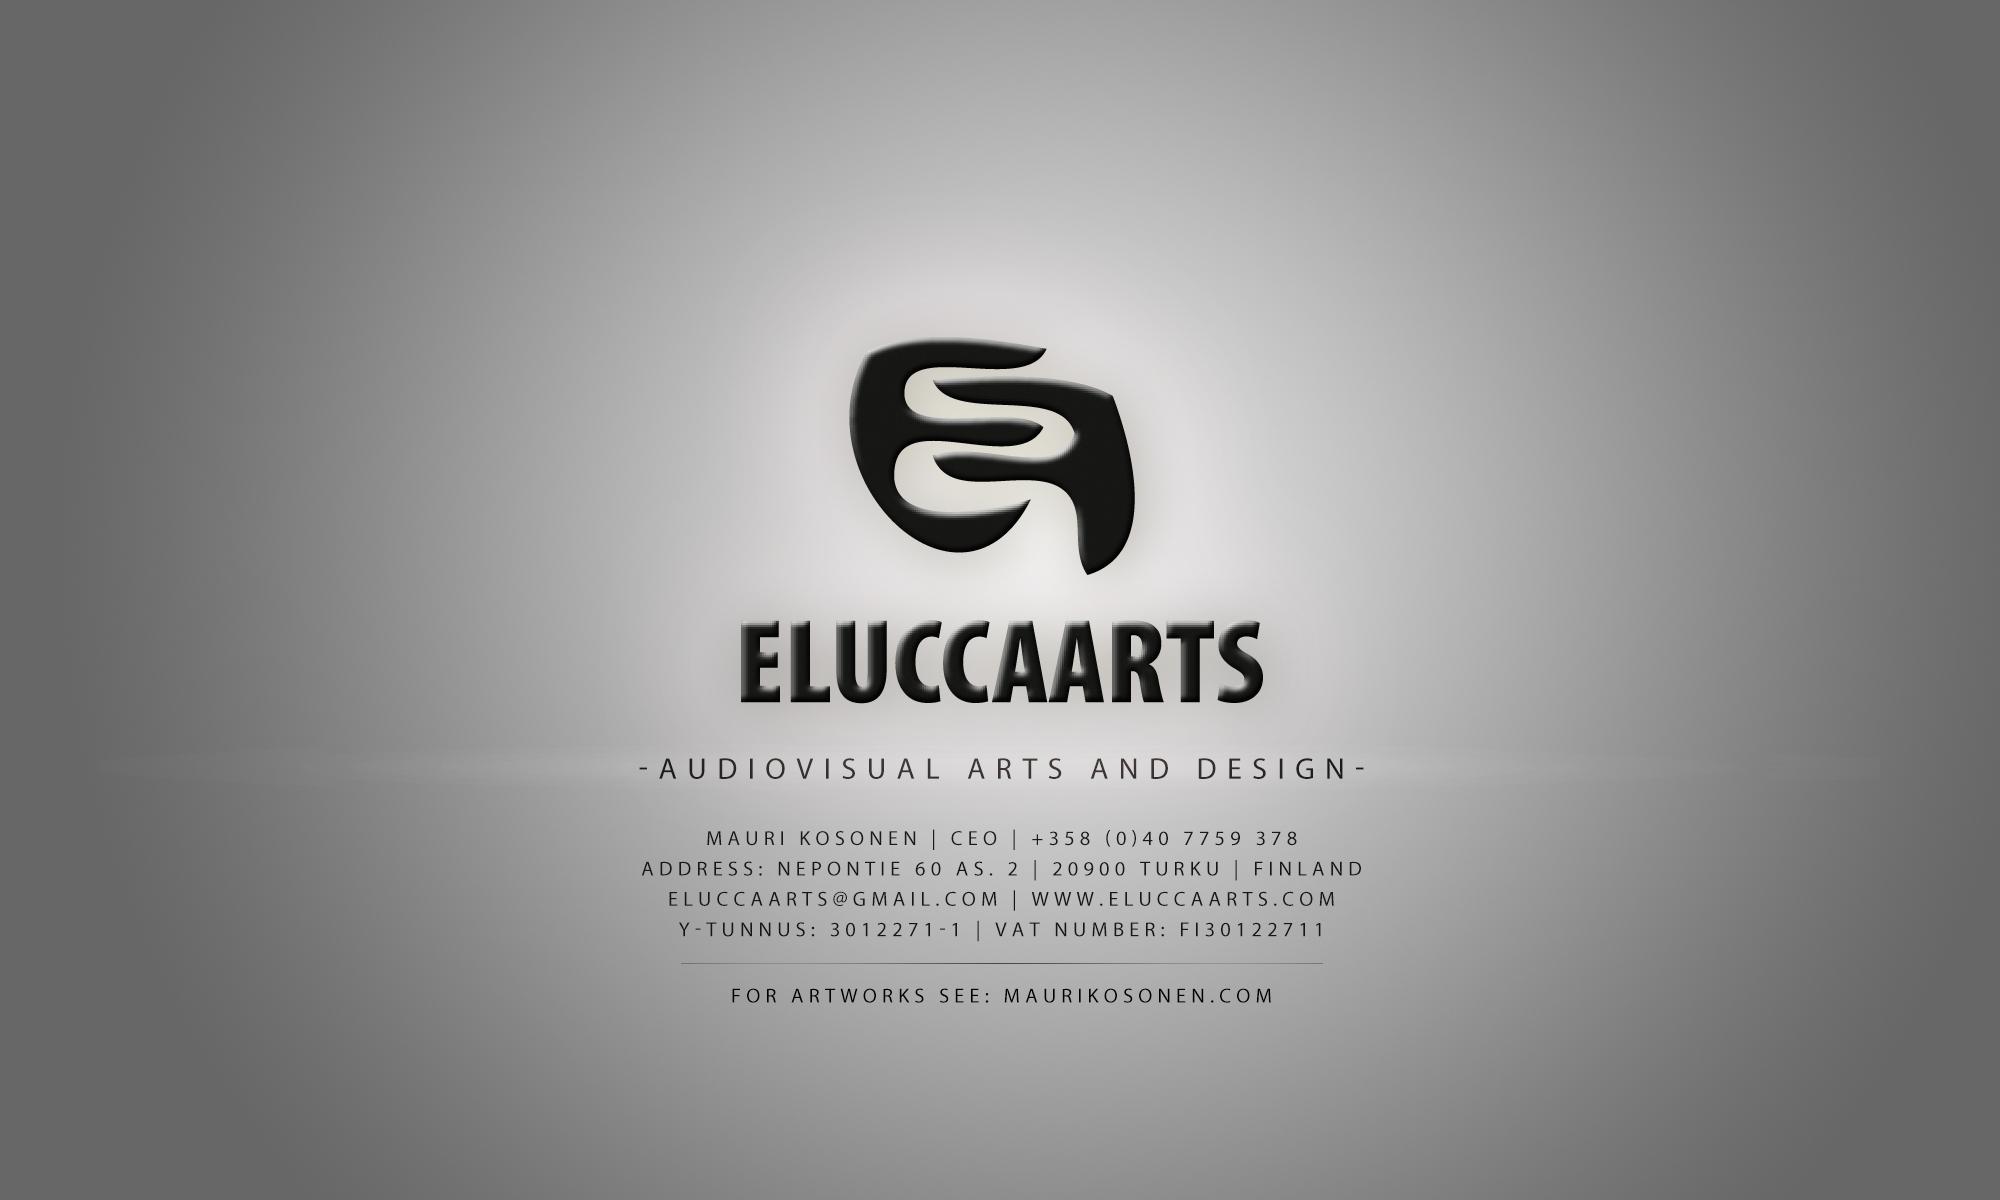 EluccaArts